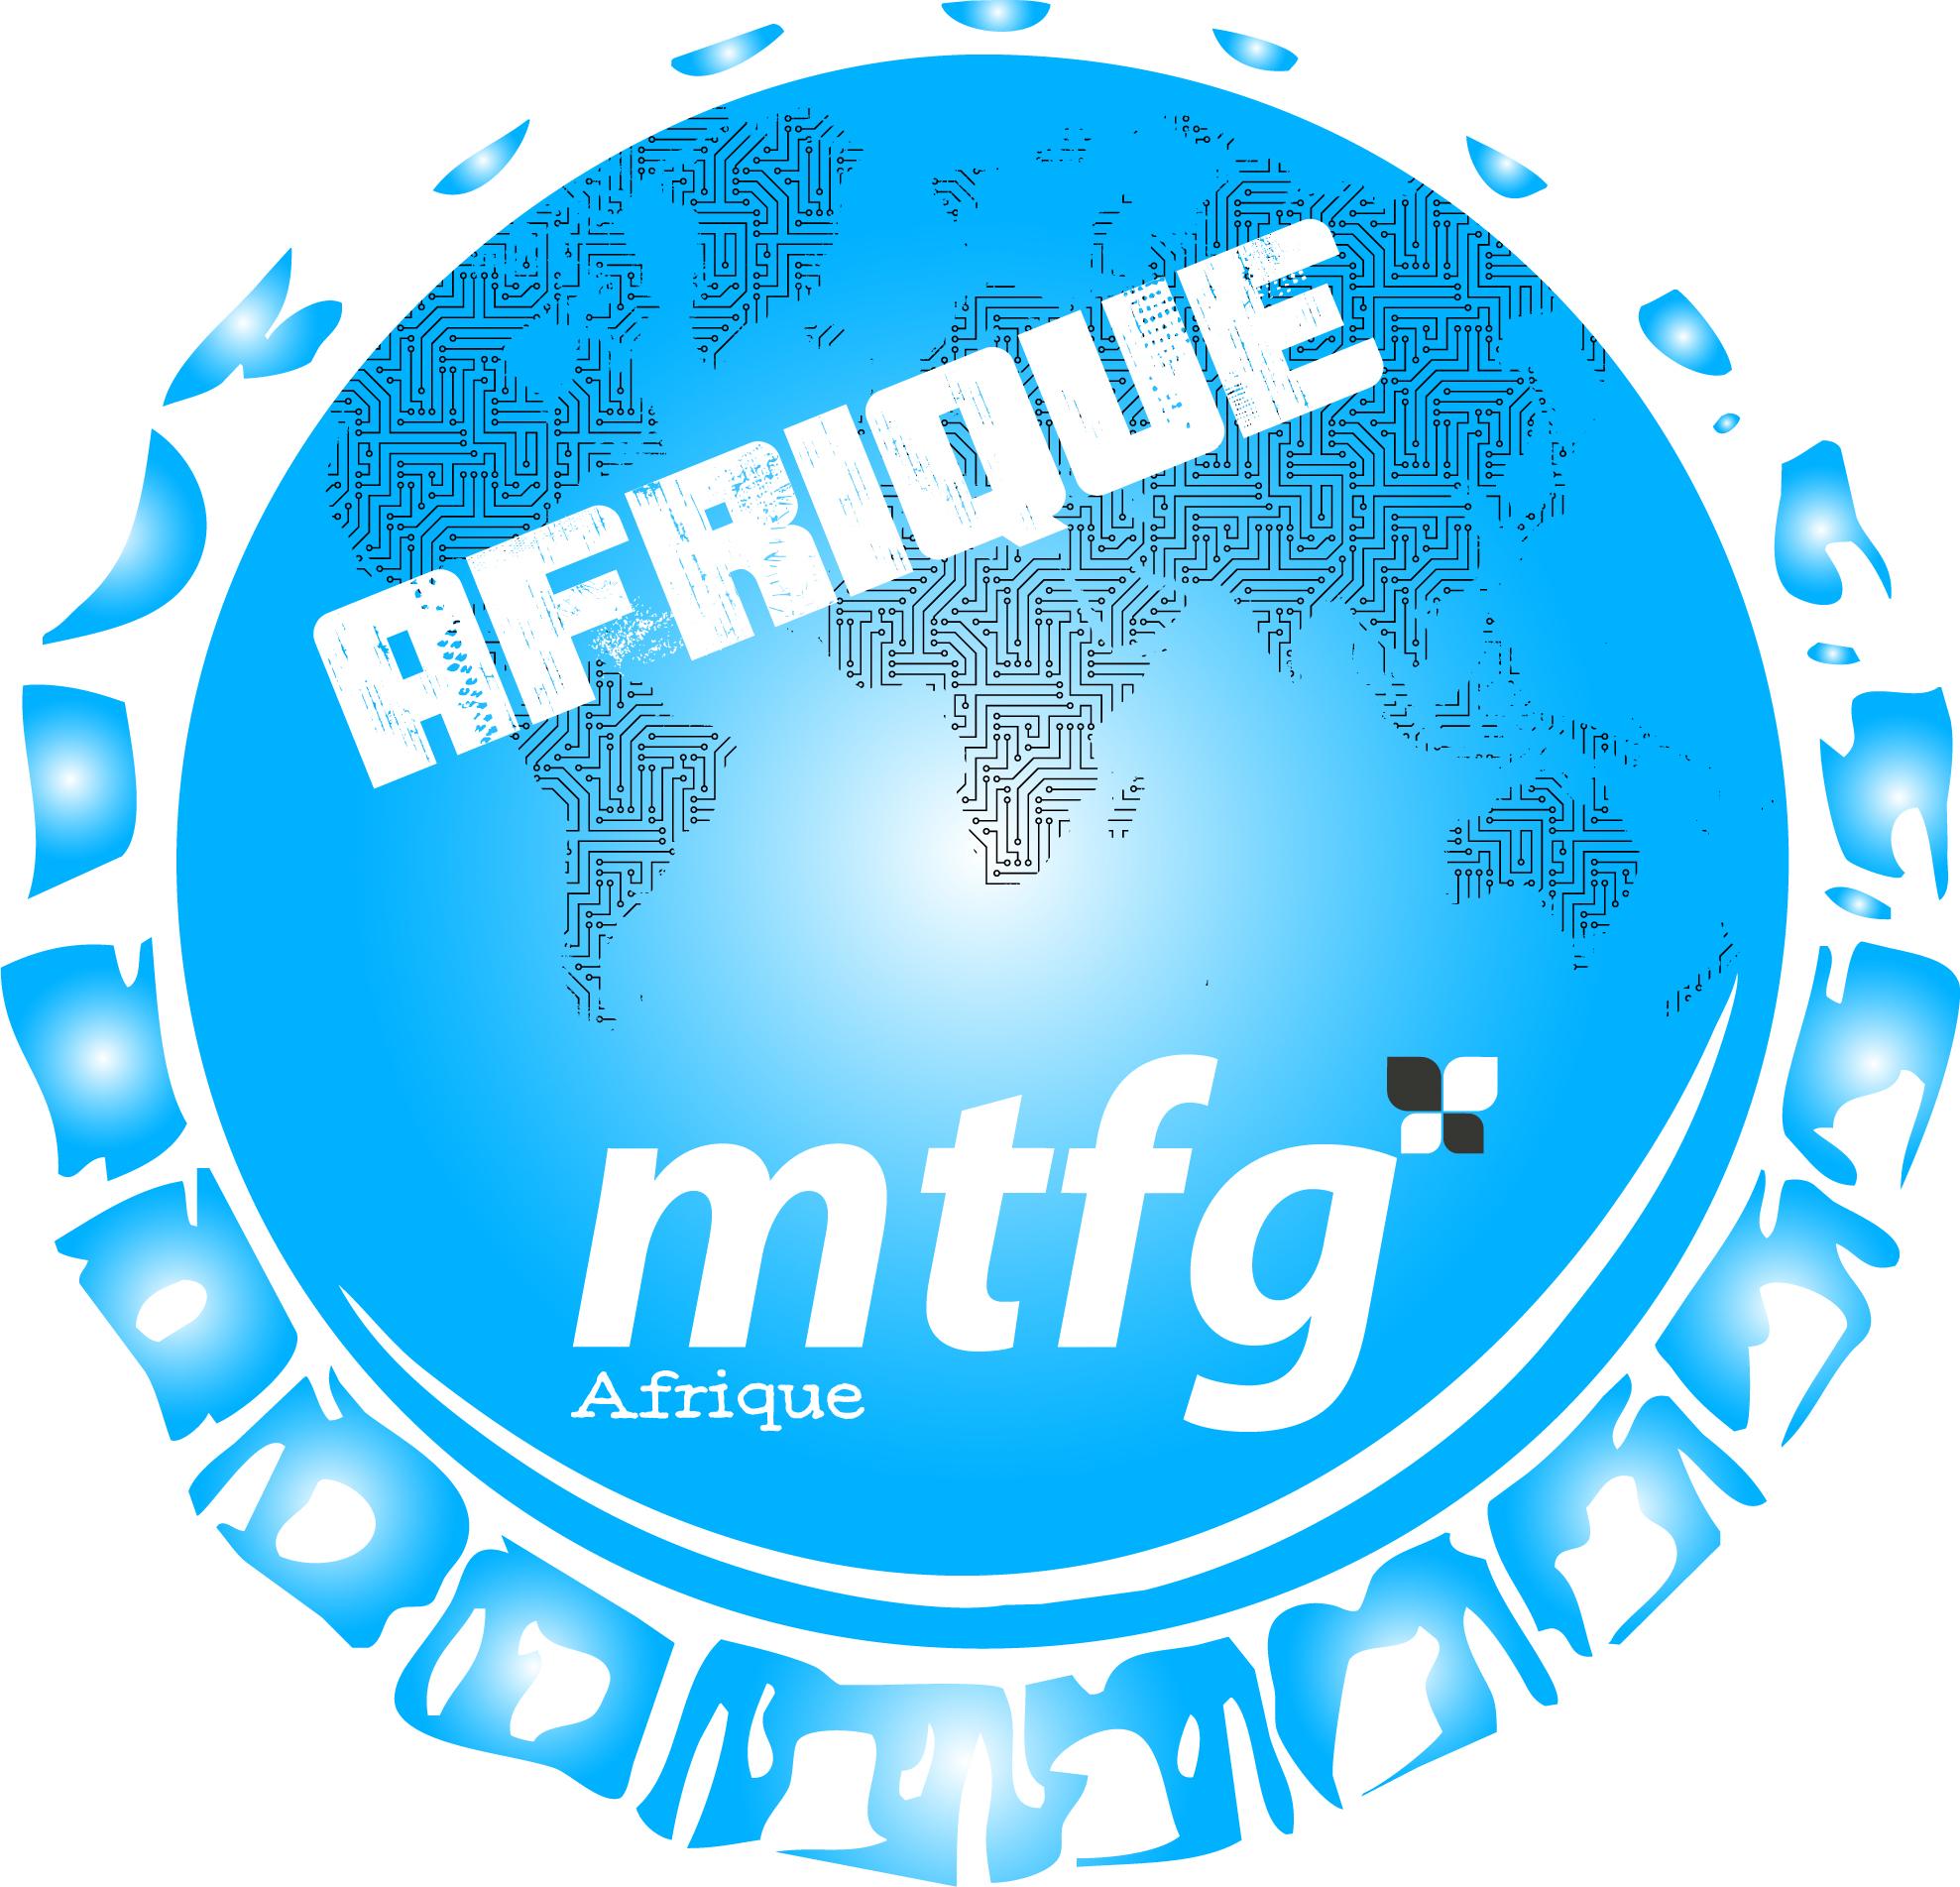 MTFG Afrique